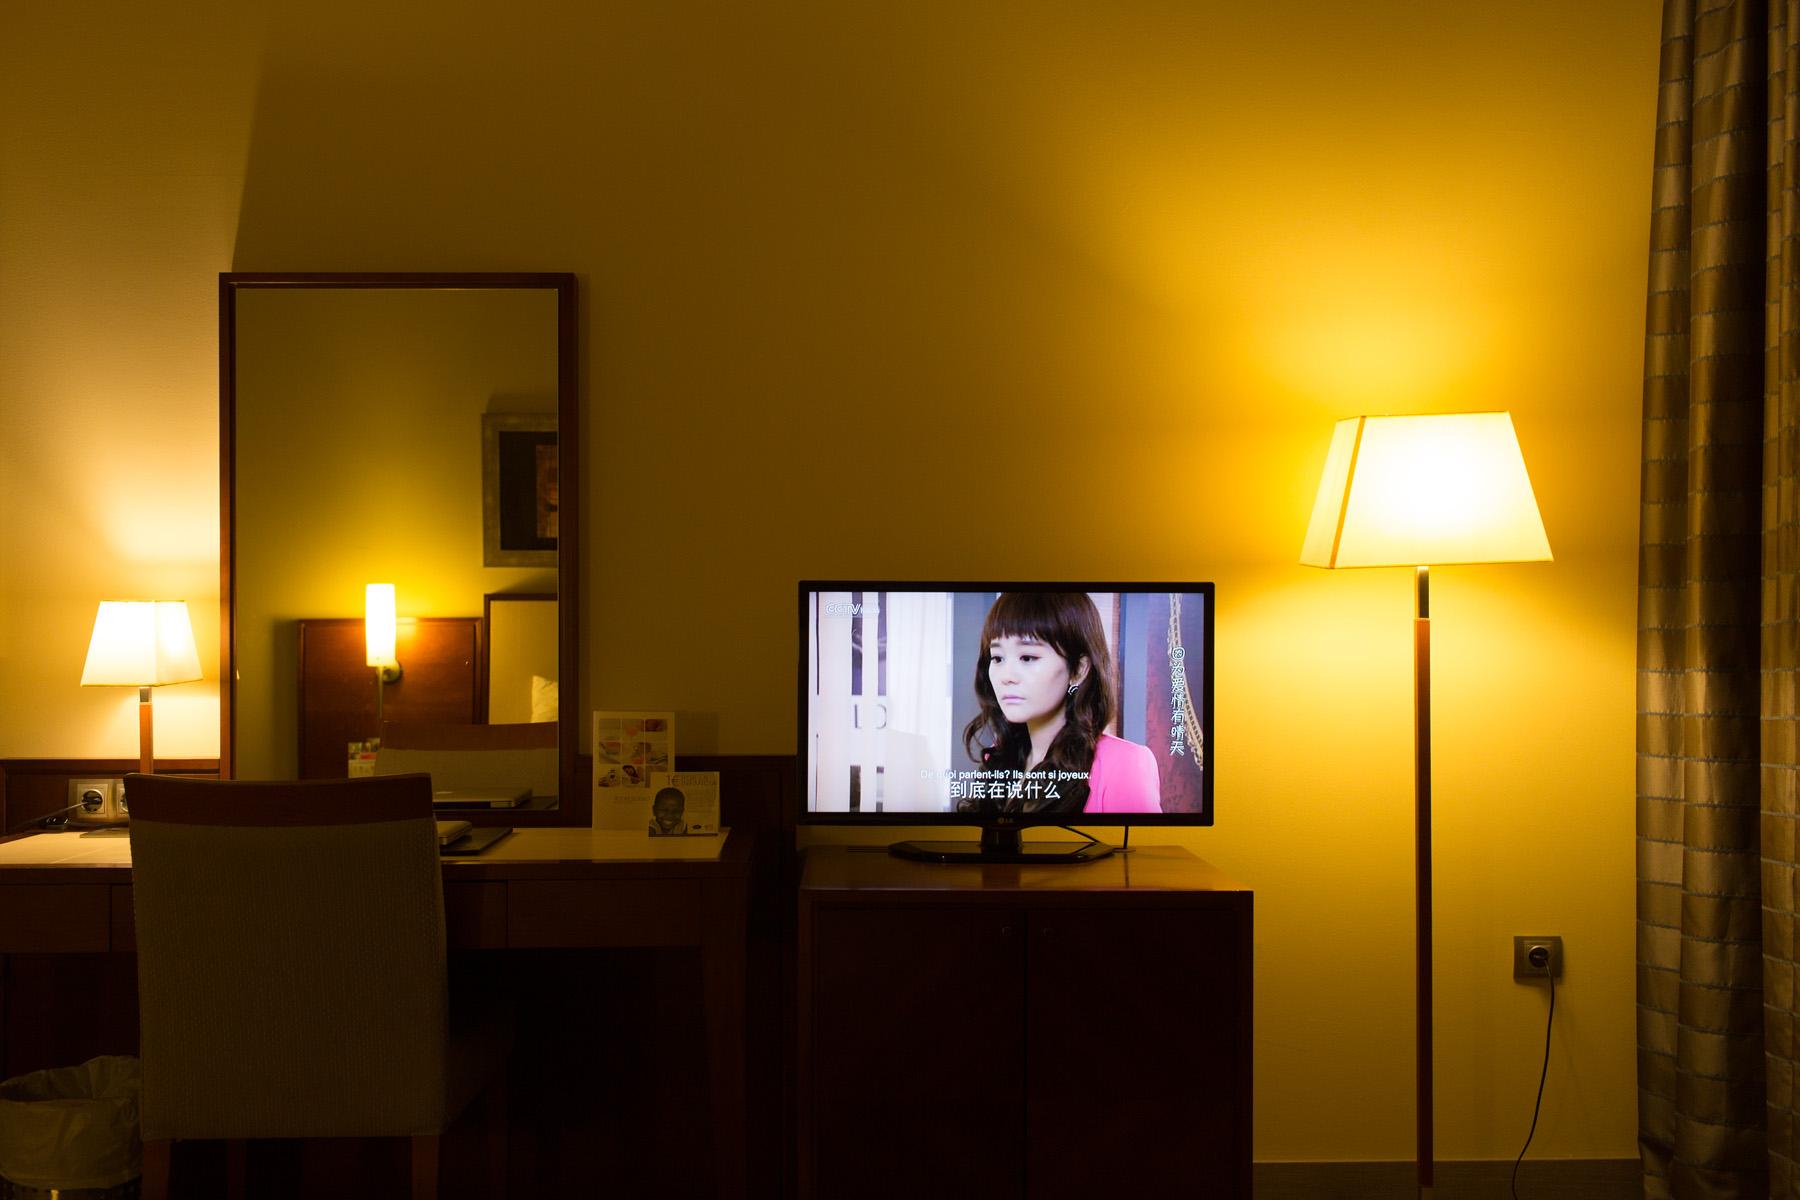 HotelRoom#02-(c)JoVoets.jpg